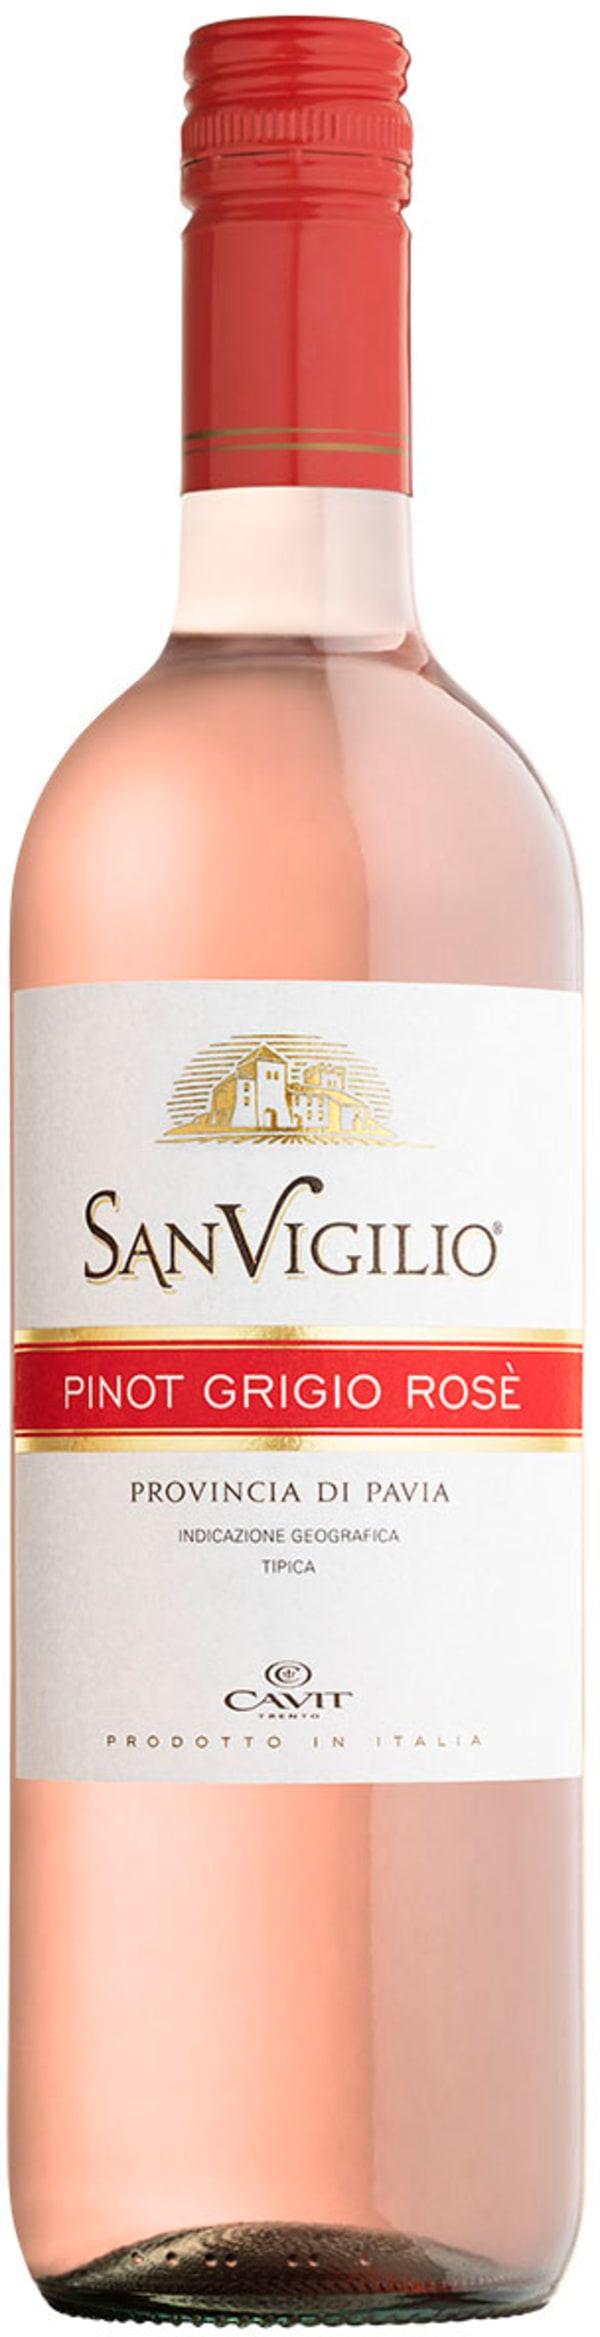 Cavit Sanvigilio Pinot Grigio Rose 2019